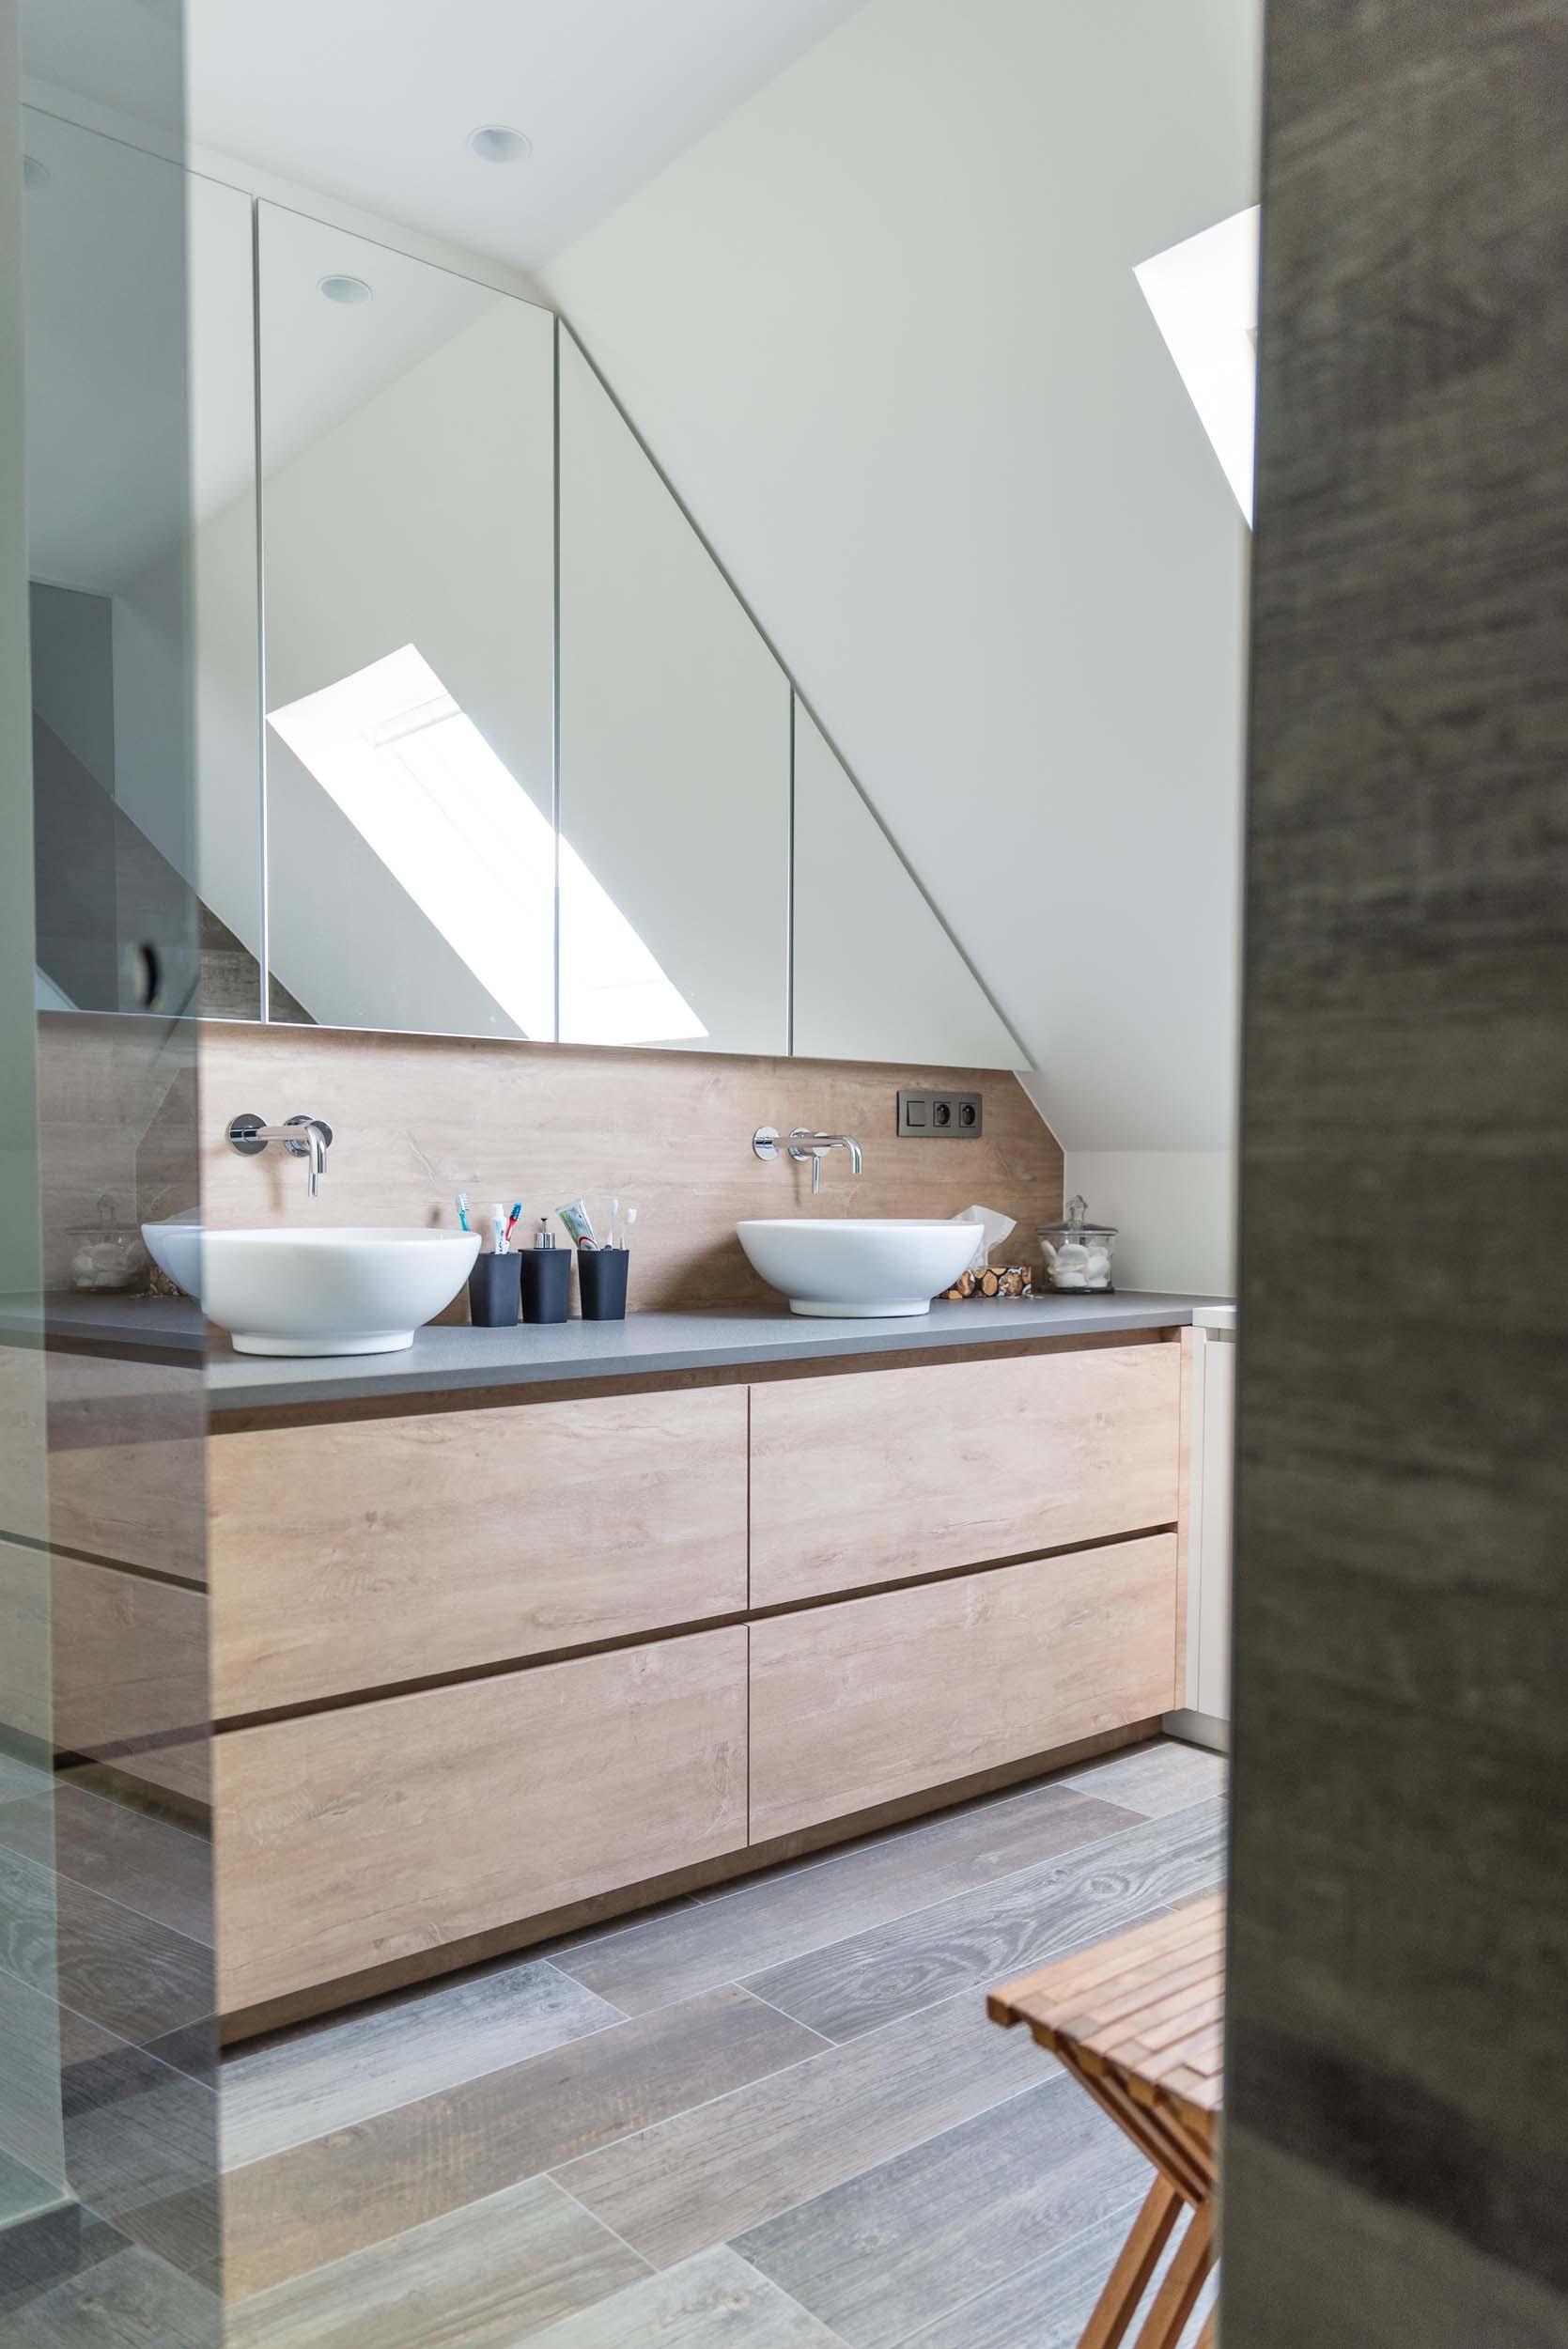 Vanda-projects-interieurinrichting-meubelmakerij-oost-vlaanderen-six-marke-badkamer